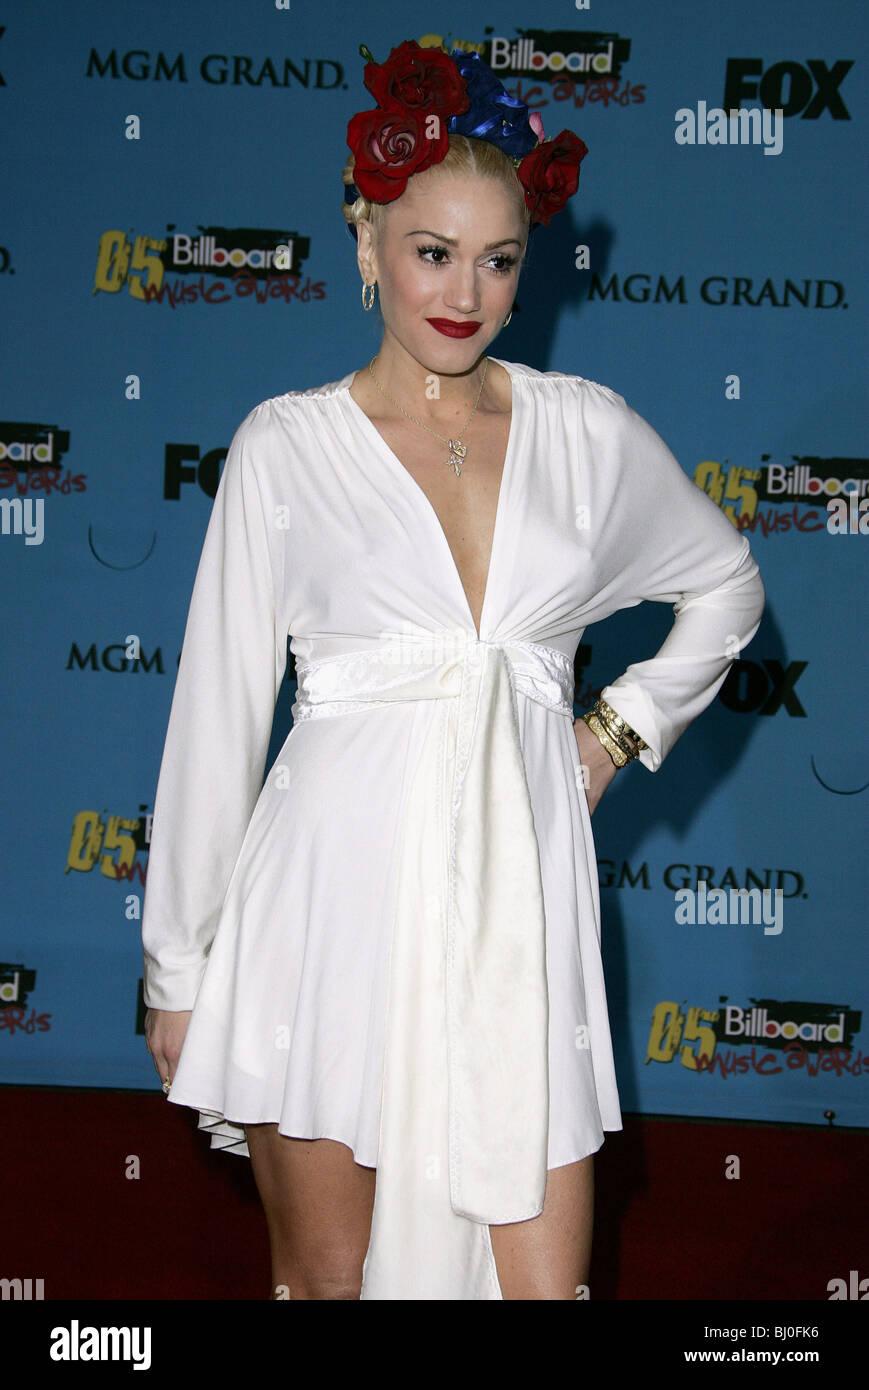 GWEN STEFANI SINGER MGM GRAND ARENA  LAS VEGAS  USA 06/12/2005 - Stock Image